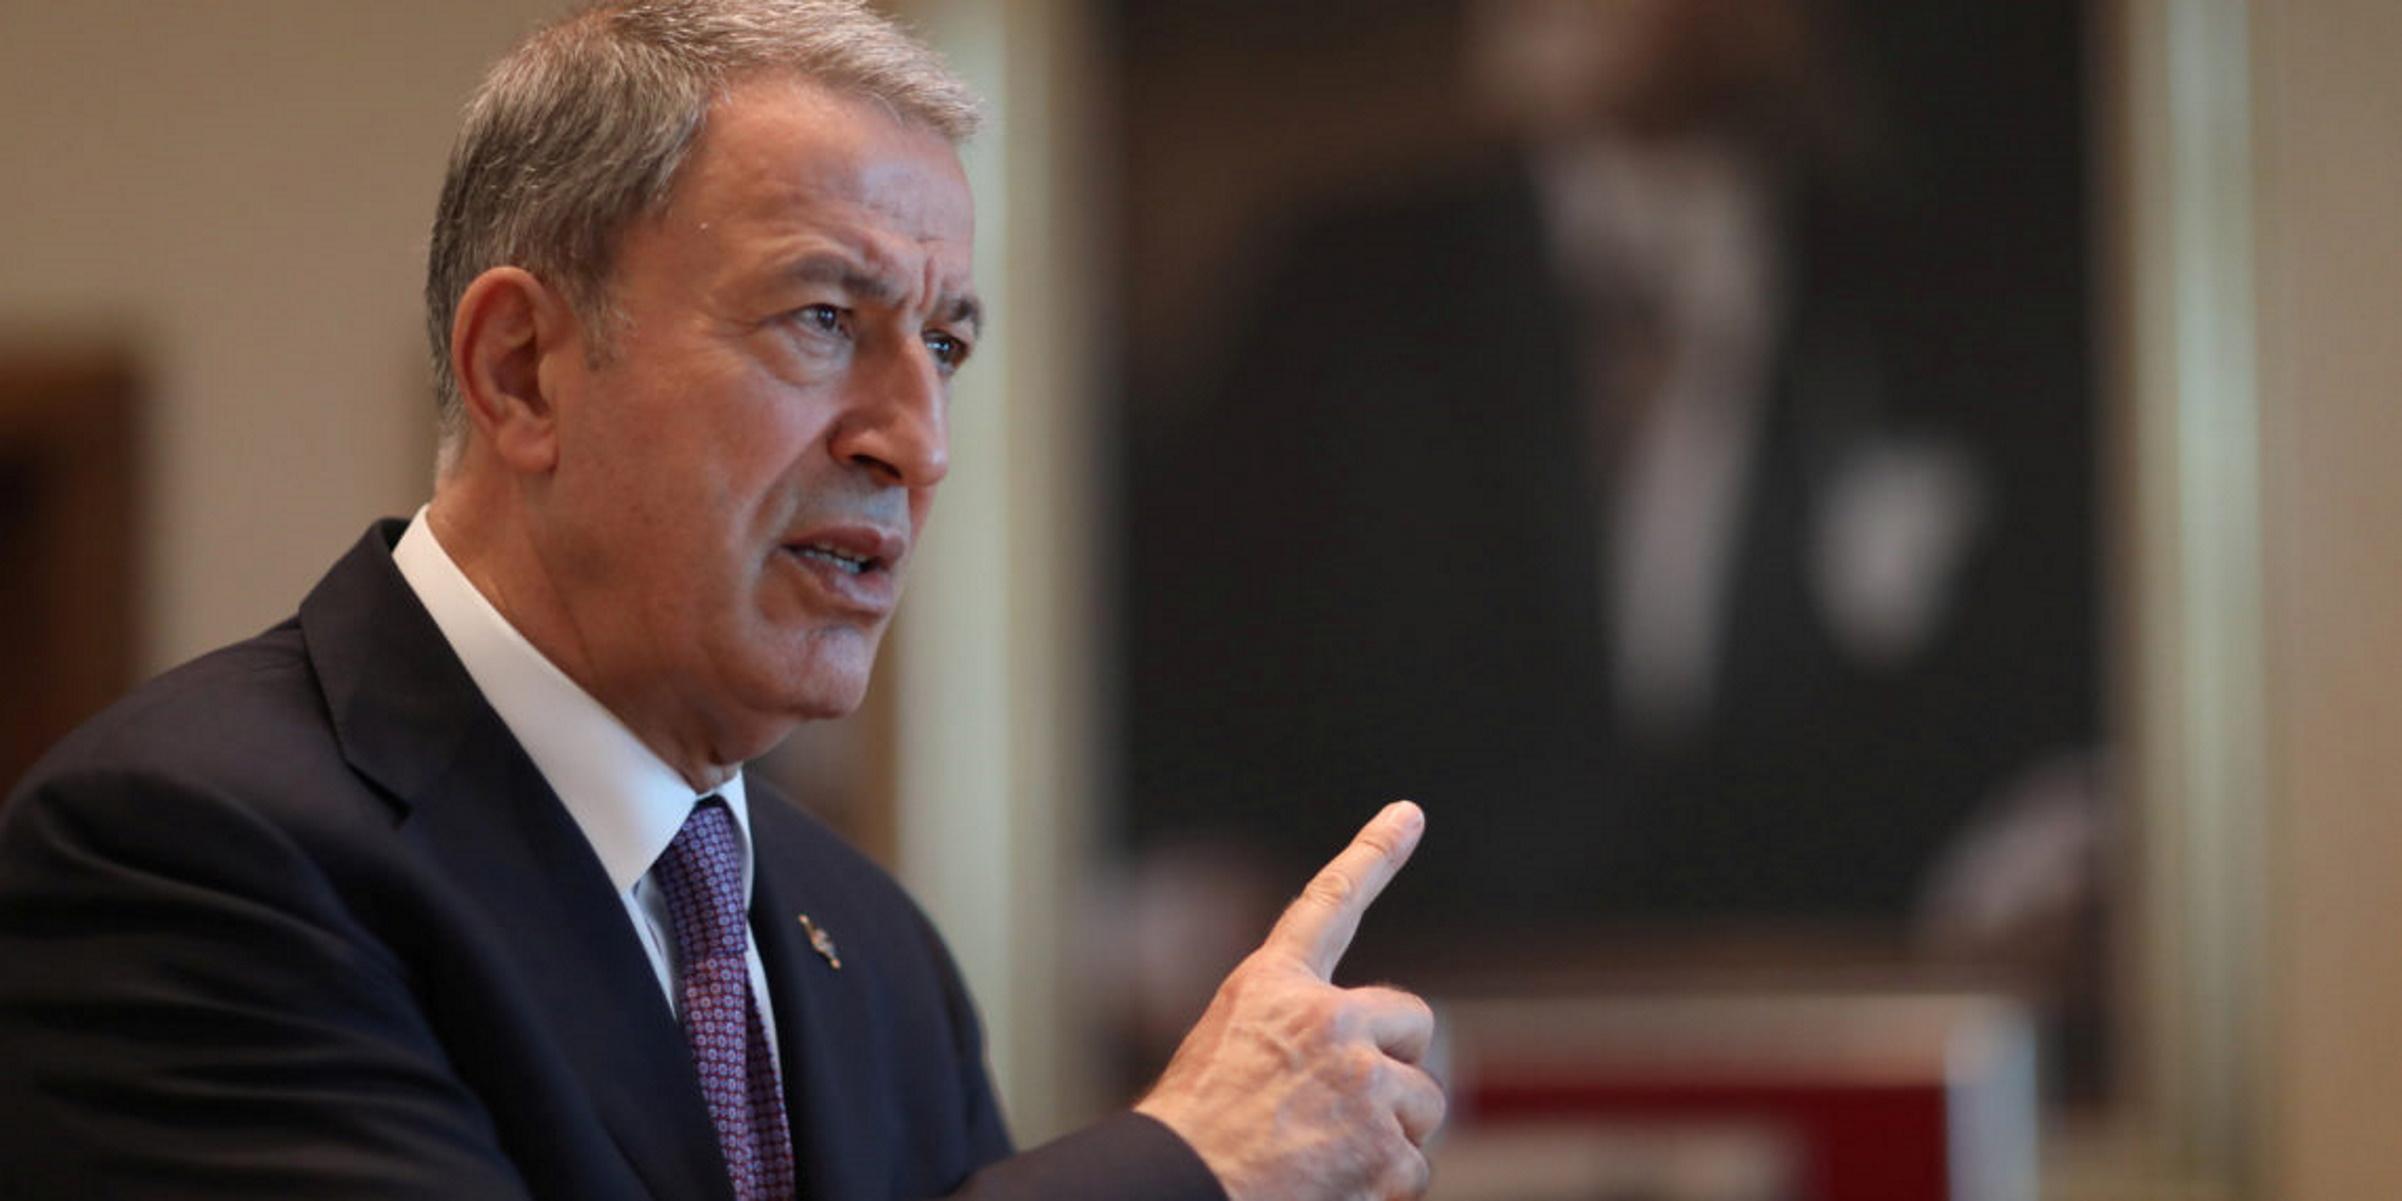 Ο Ακάρ ζητά σεβασμό από την Ελλάδα για να μην υπάρξουν «παρεξηγήσεις»